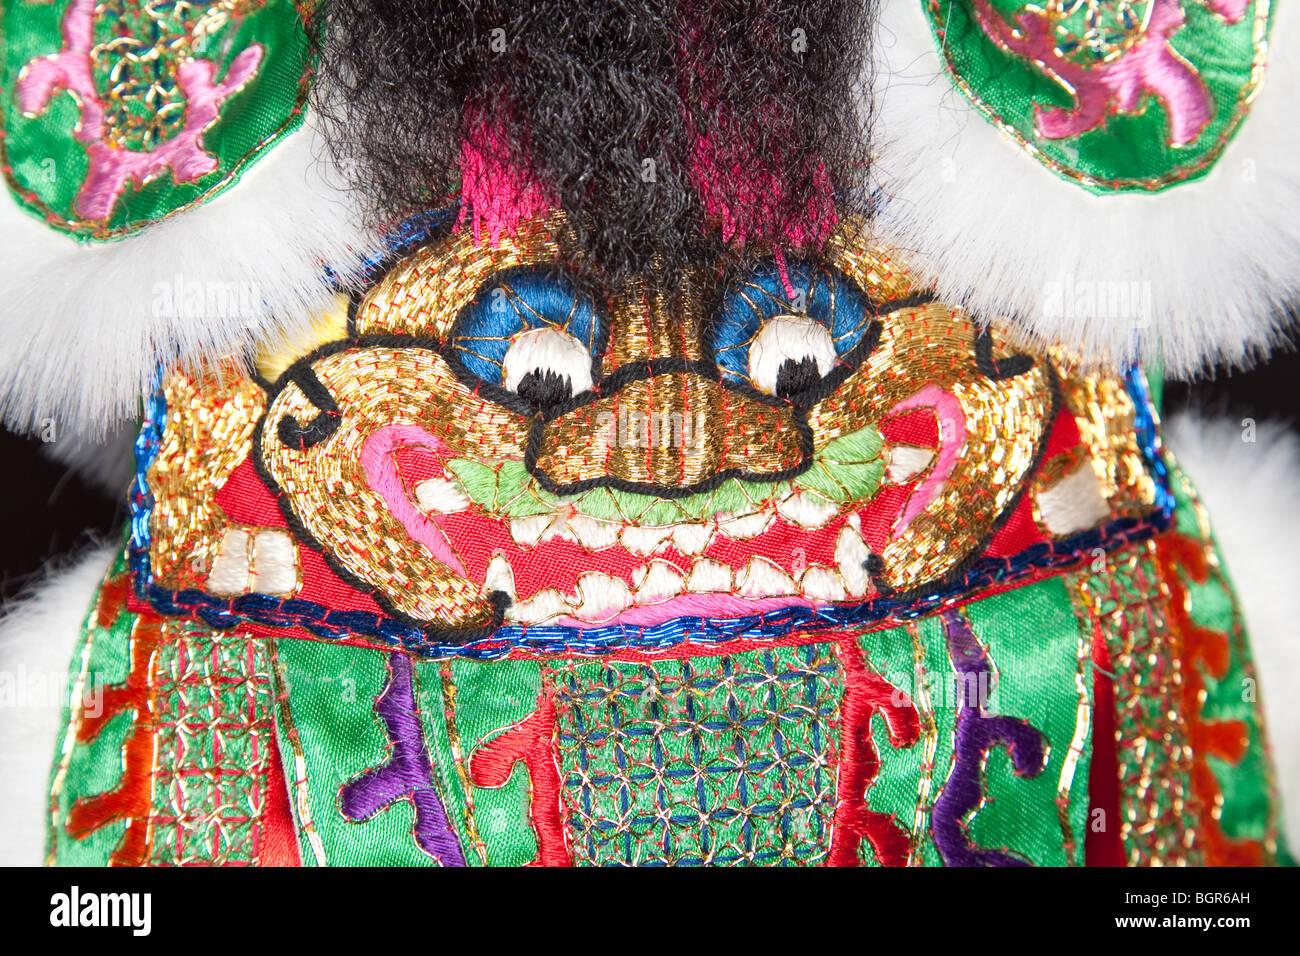 Nahaufnahme einer handgefertigten chinesische ornamentalen Robe sportliche das Gesicht eines Löwen Stockbild